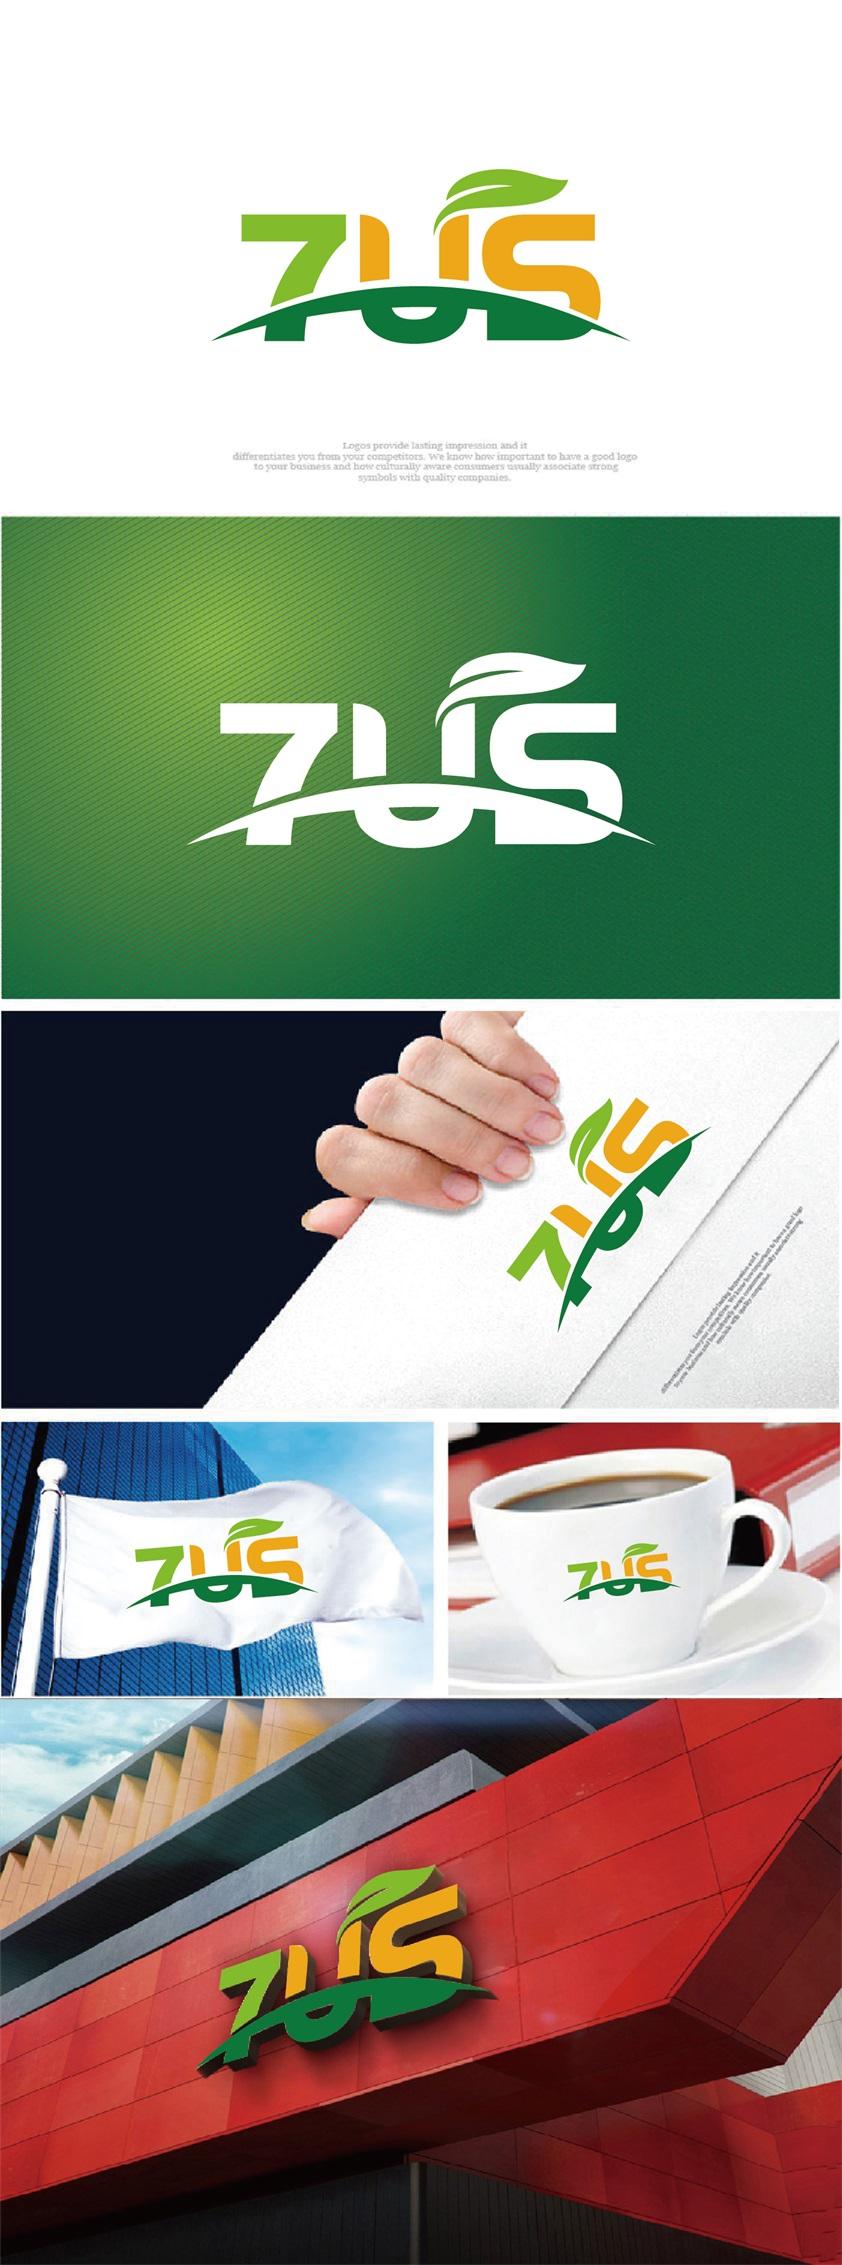 商标LOGO设计_3025000_k68威客网